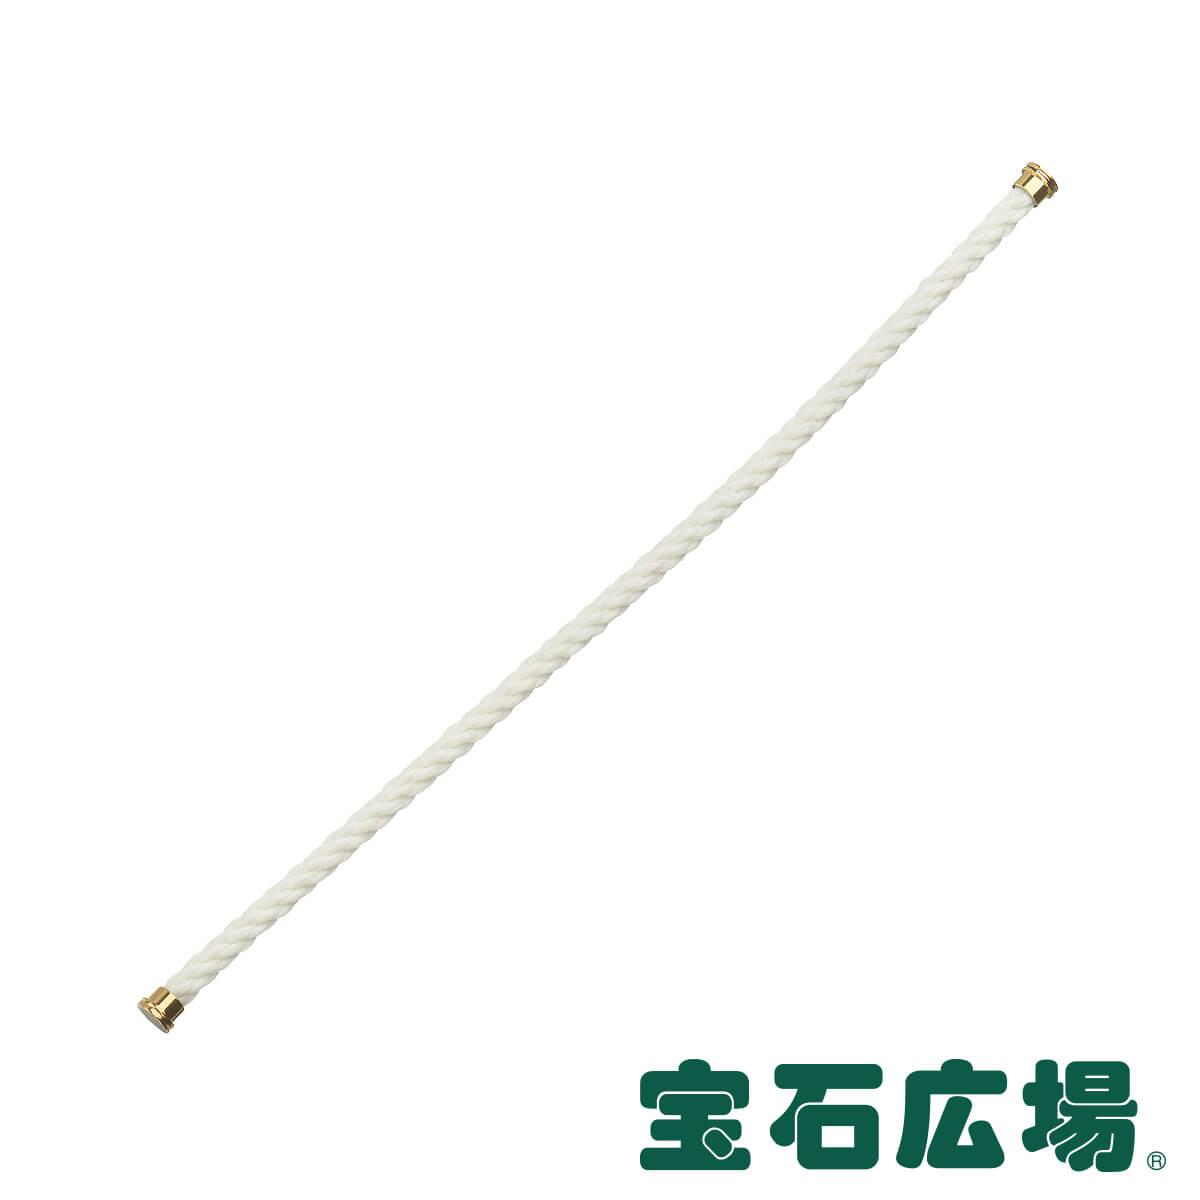 フレッド FRED フォース10 ホワイト テキスタイル ケーブル (LM) 6B0161【新品】 ジュエリー 送料無料